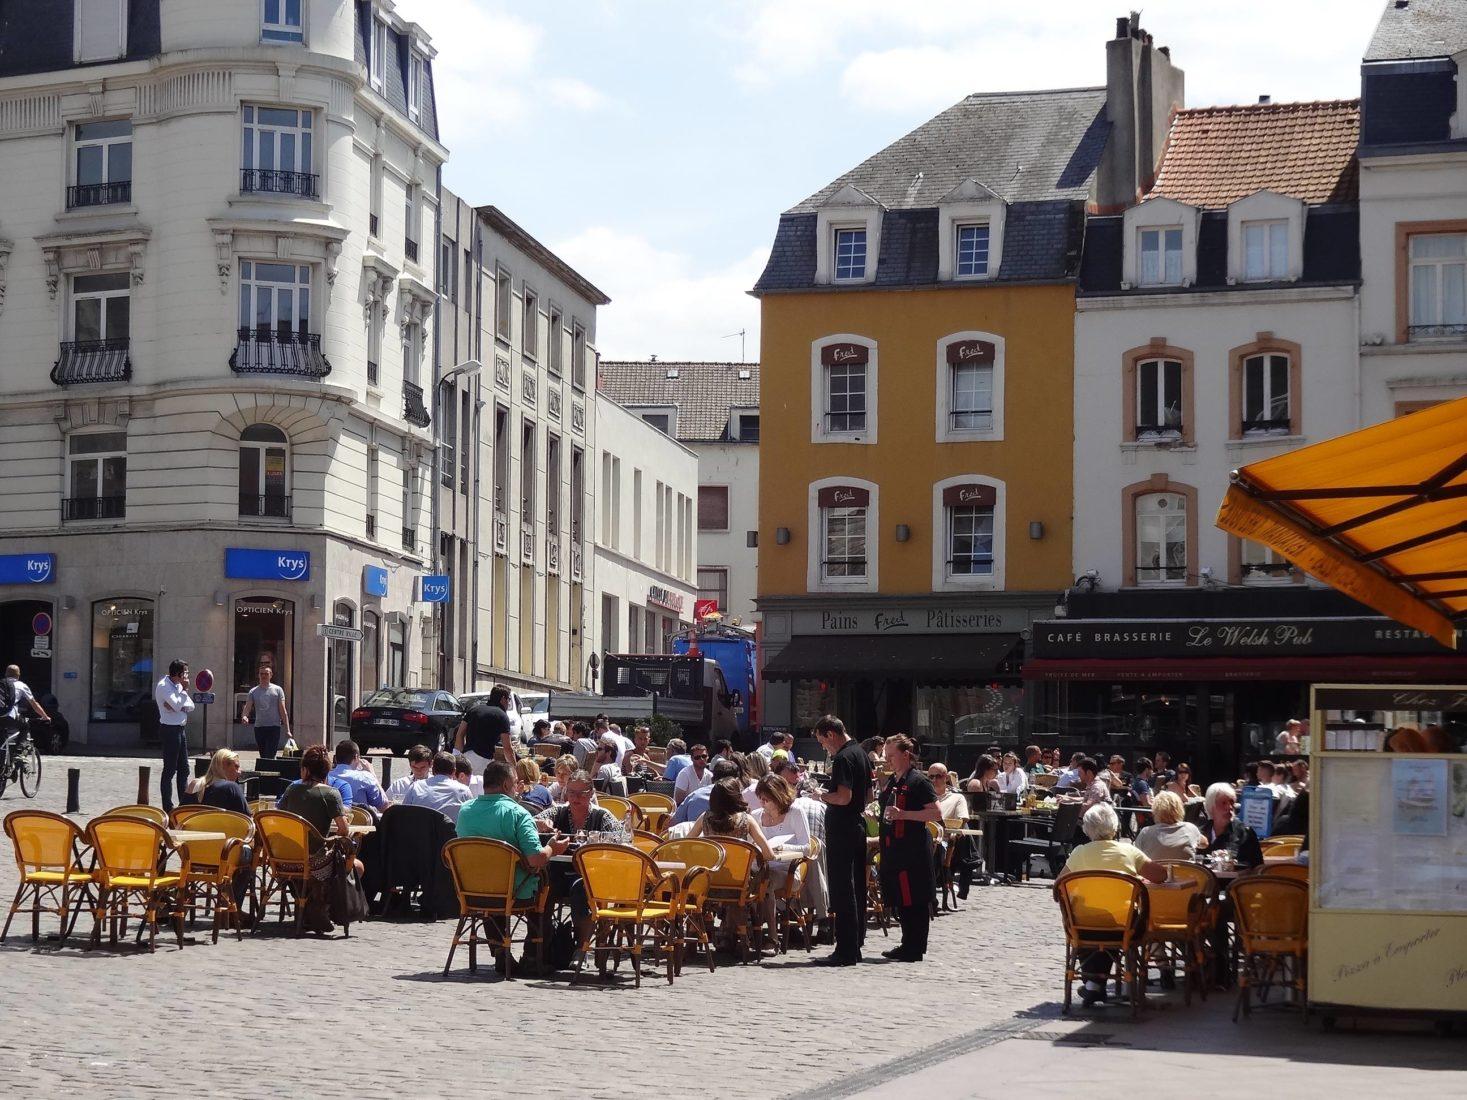 Boulogne-sur-Mer place Dalton